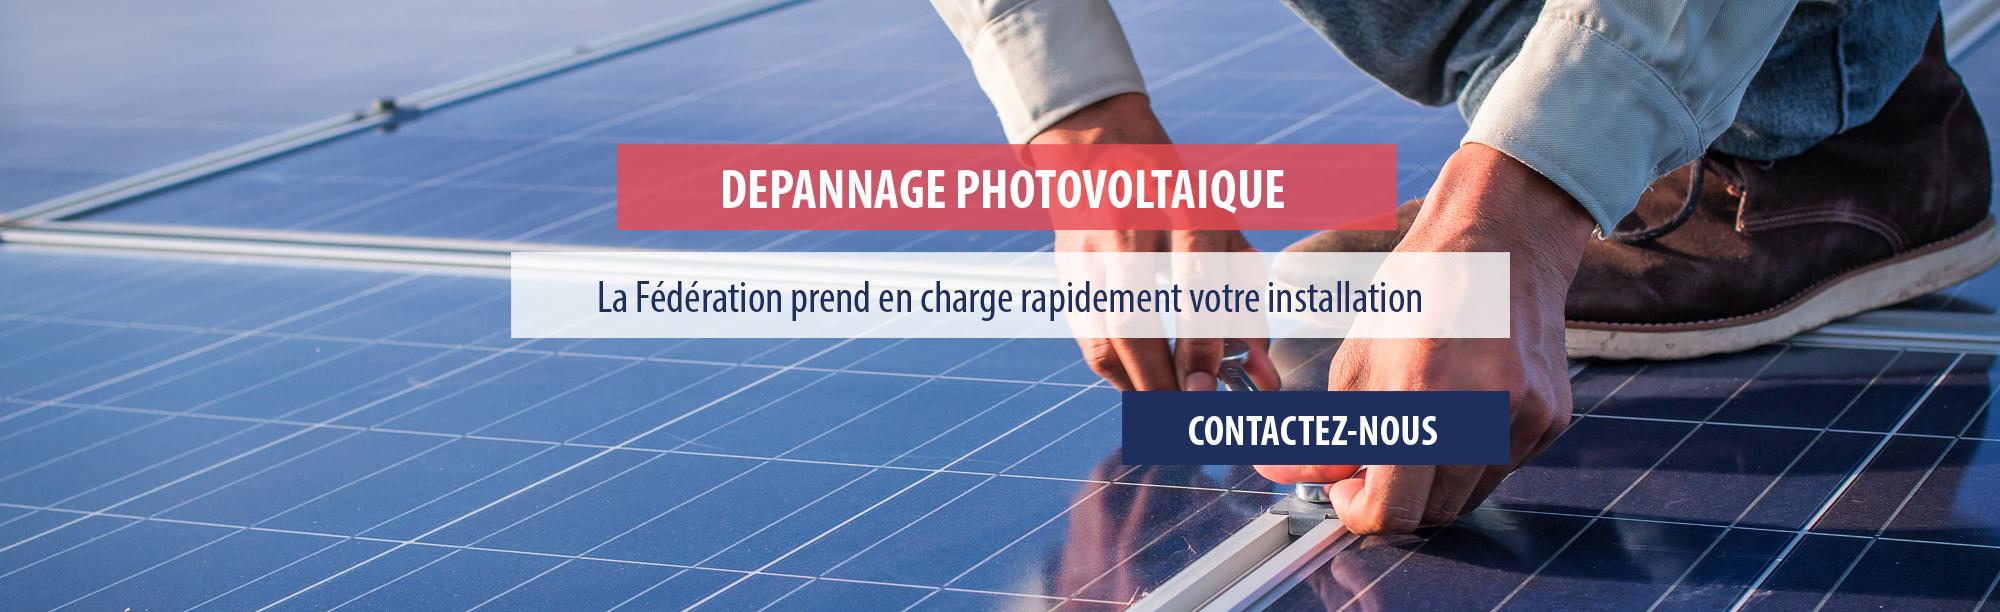 Dépannage solaire photovoltaïque